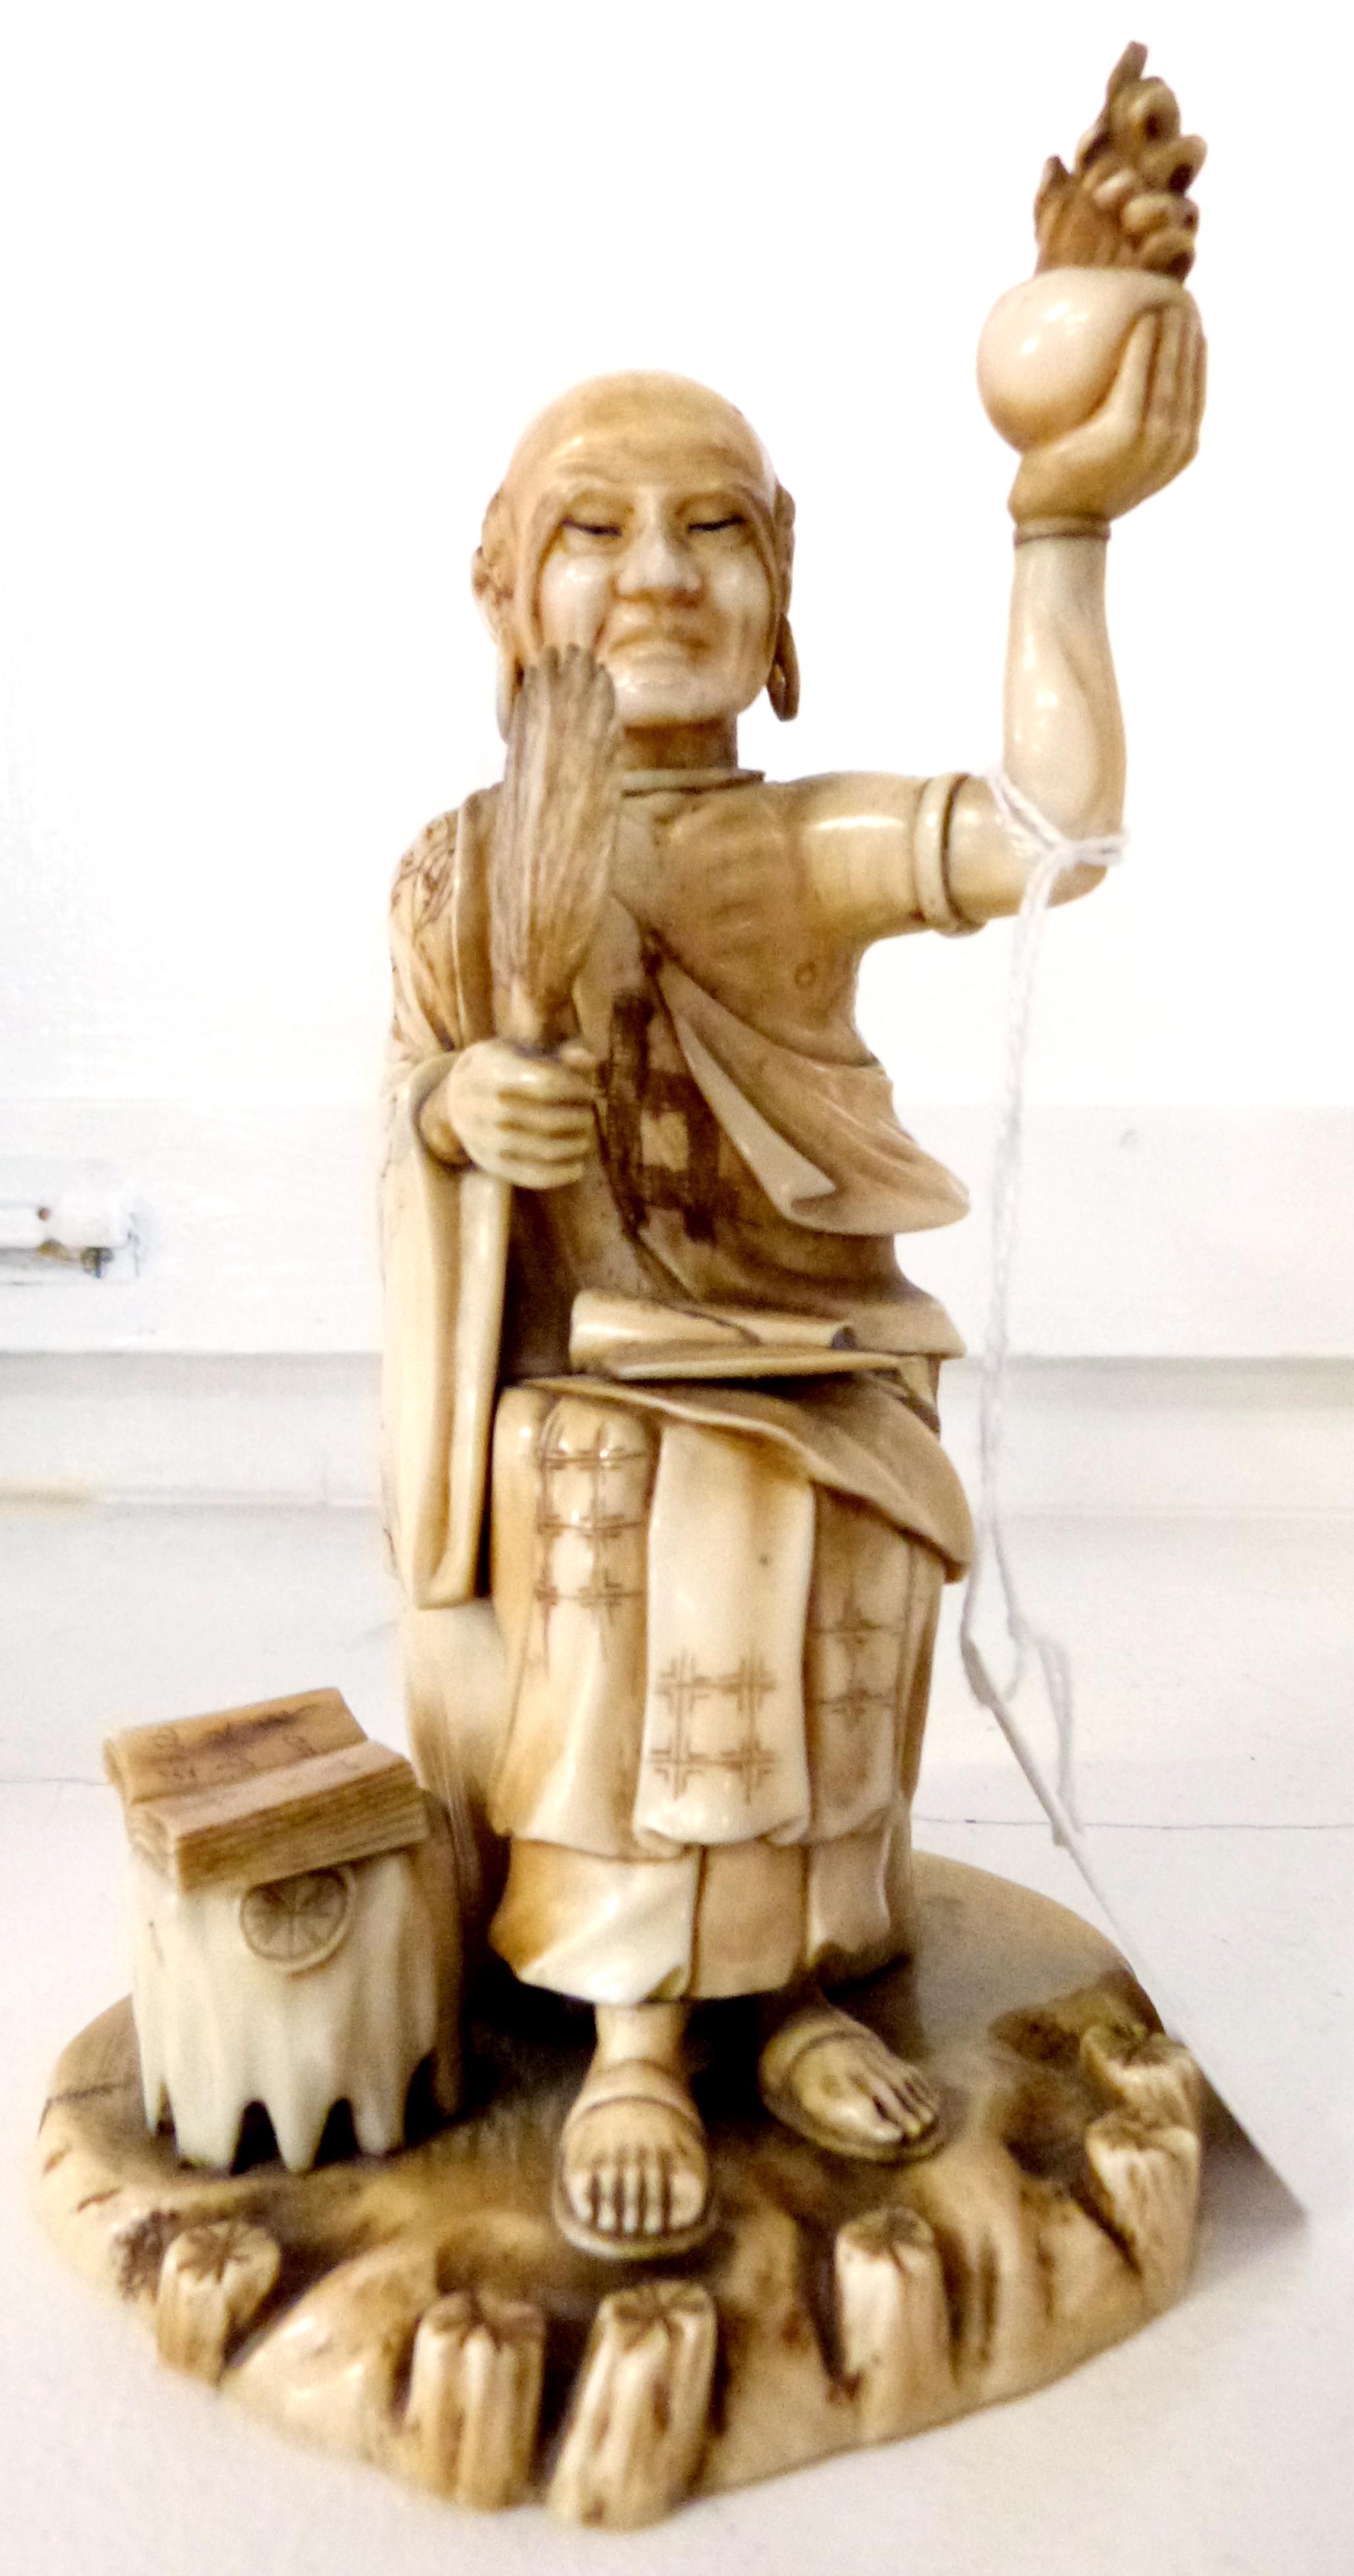 Ivory Okimono modelled as a priest, 15cm high